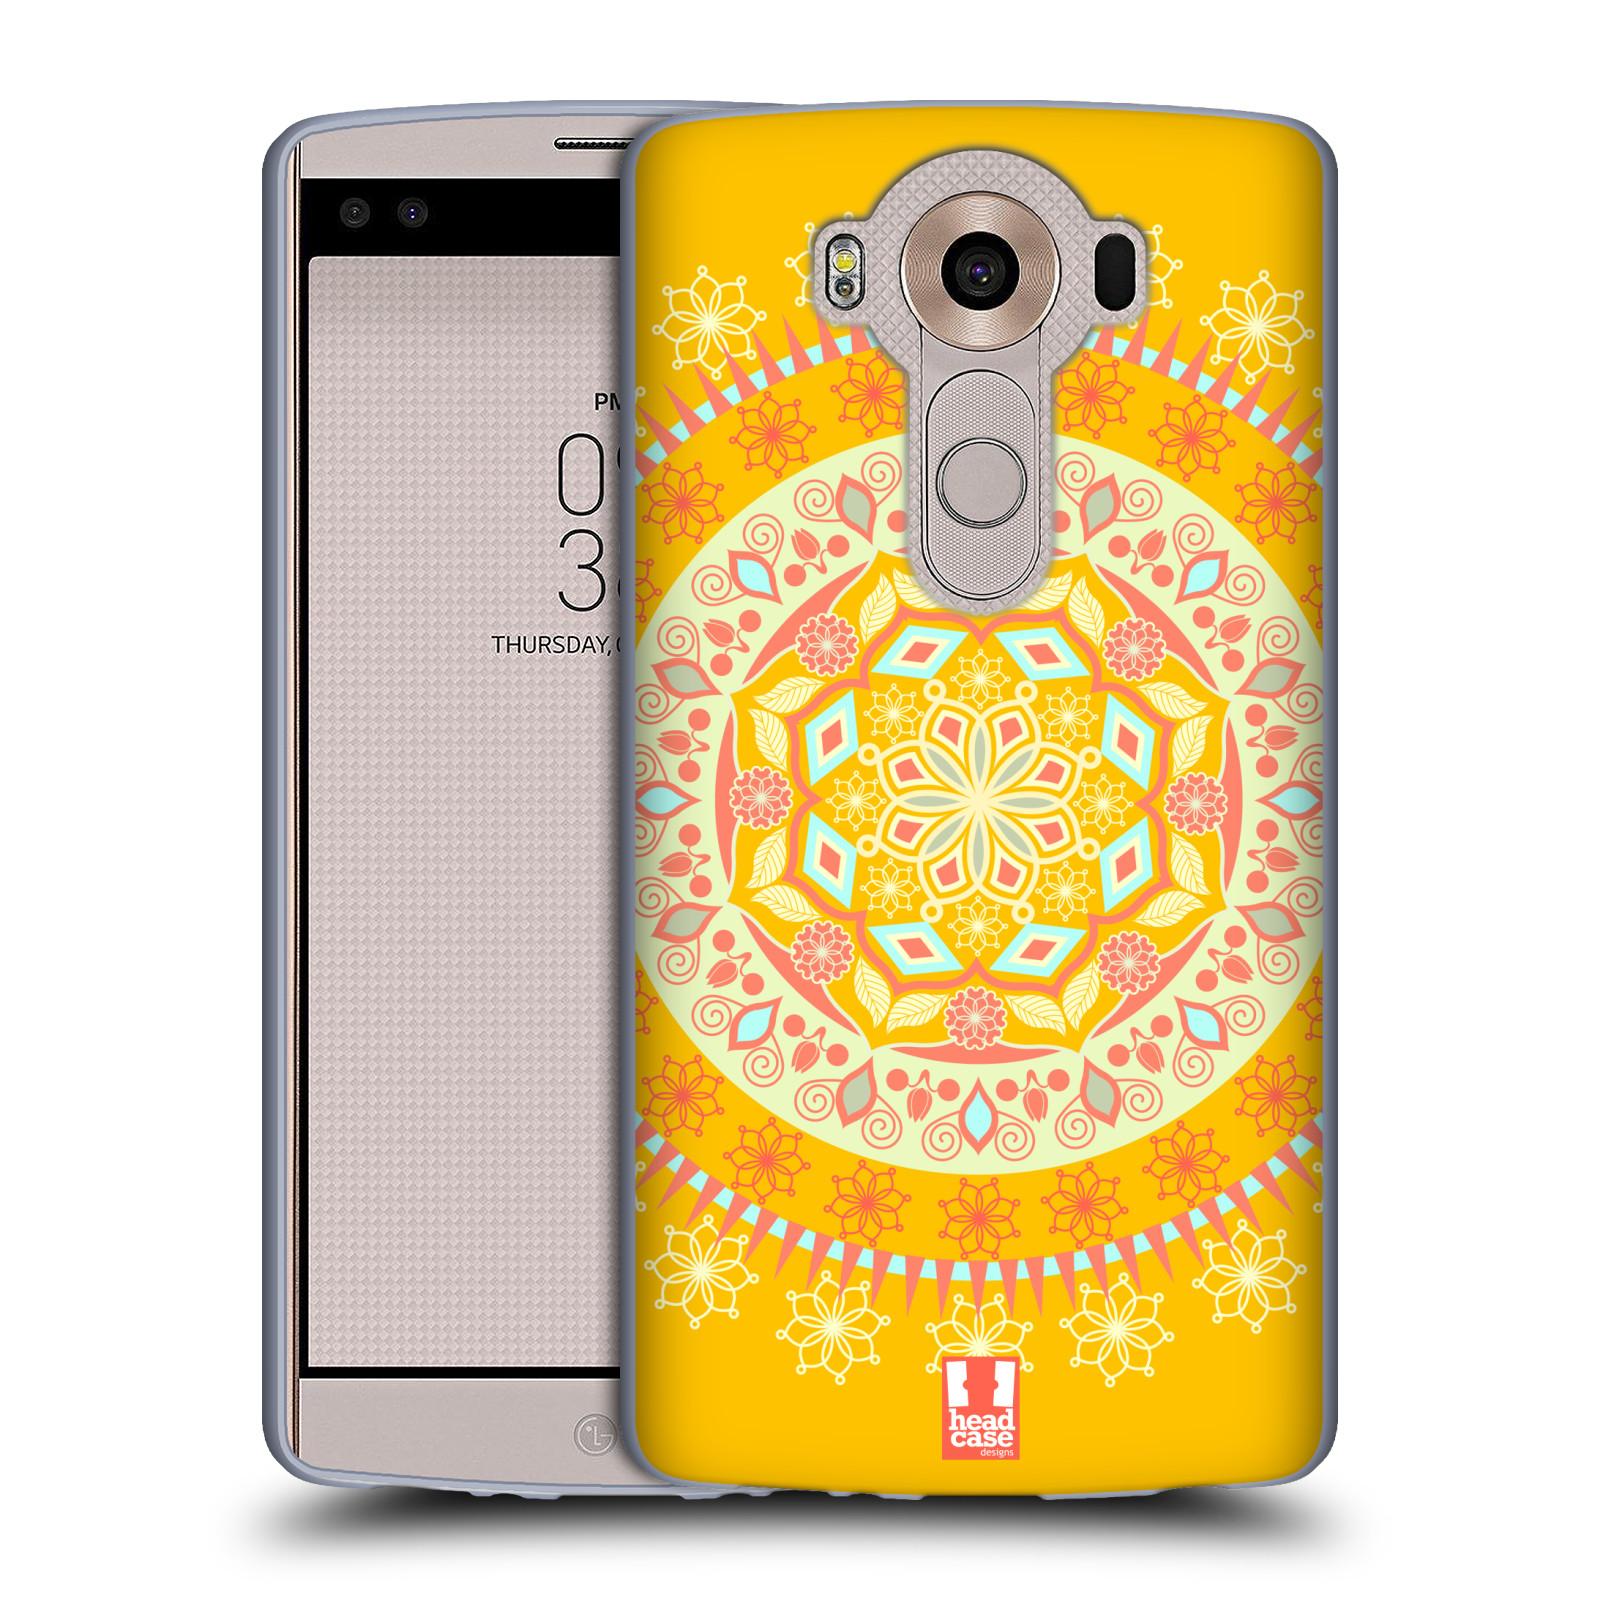 HEAD CASE silikonový obal na mobil LG V10 (H960A) vzor Indie Mandala slunce barevný motiv ŽLUTÁ